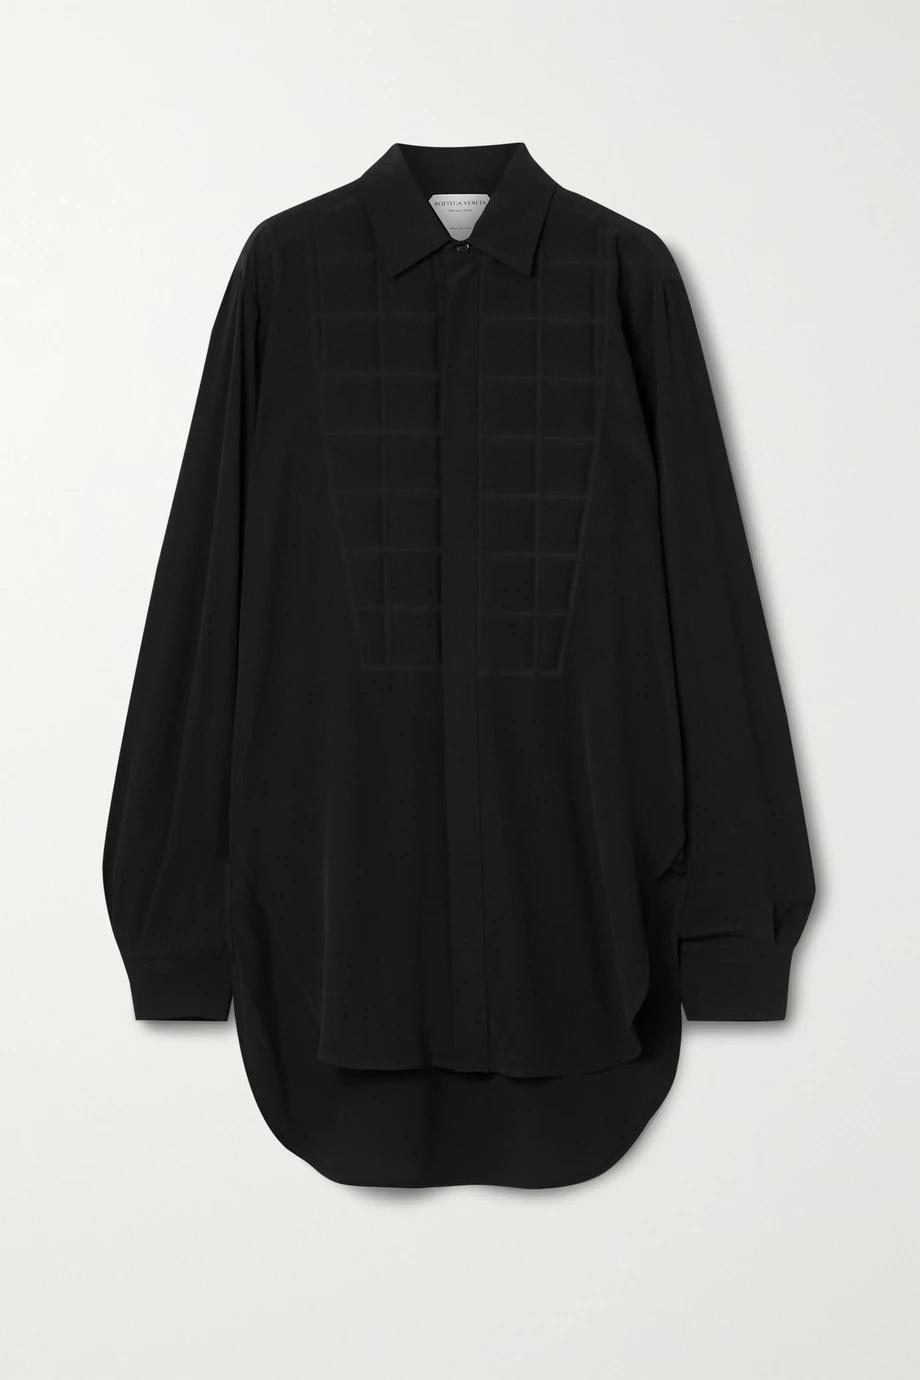 Bottega Veneta oversized košulja 2021.